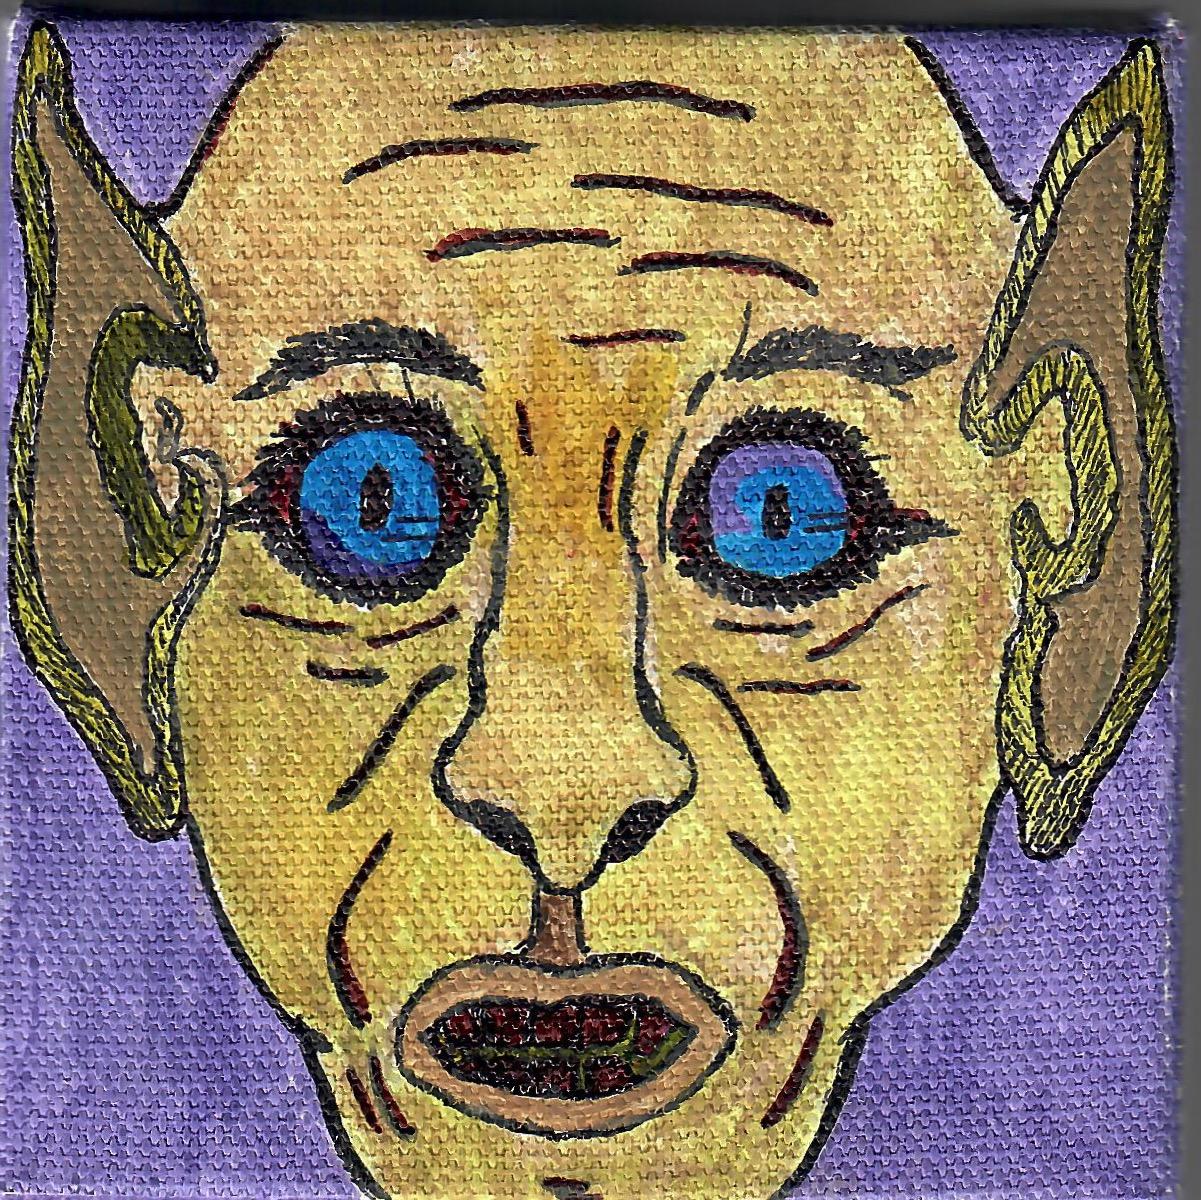 GOBLIN - Carol McDermott